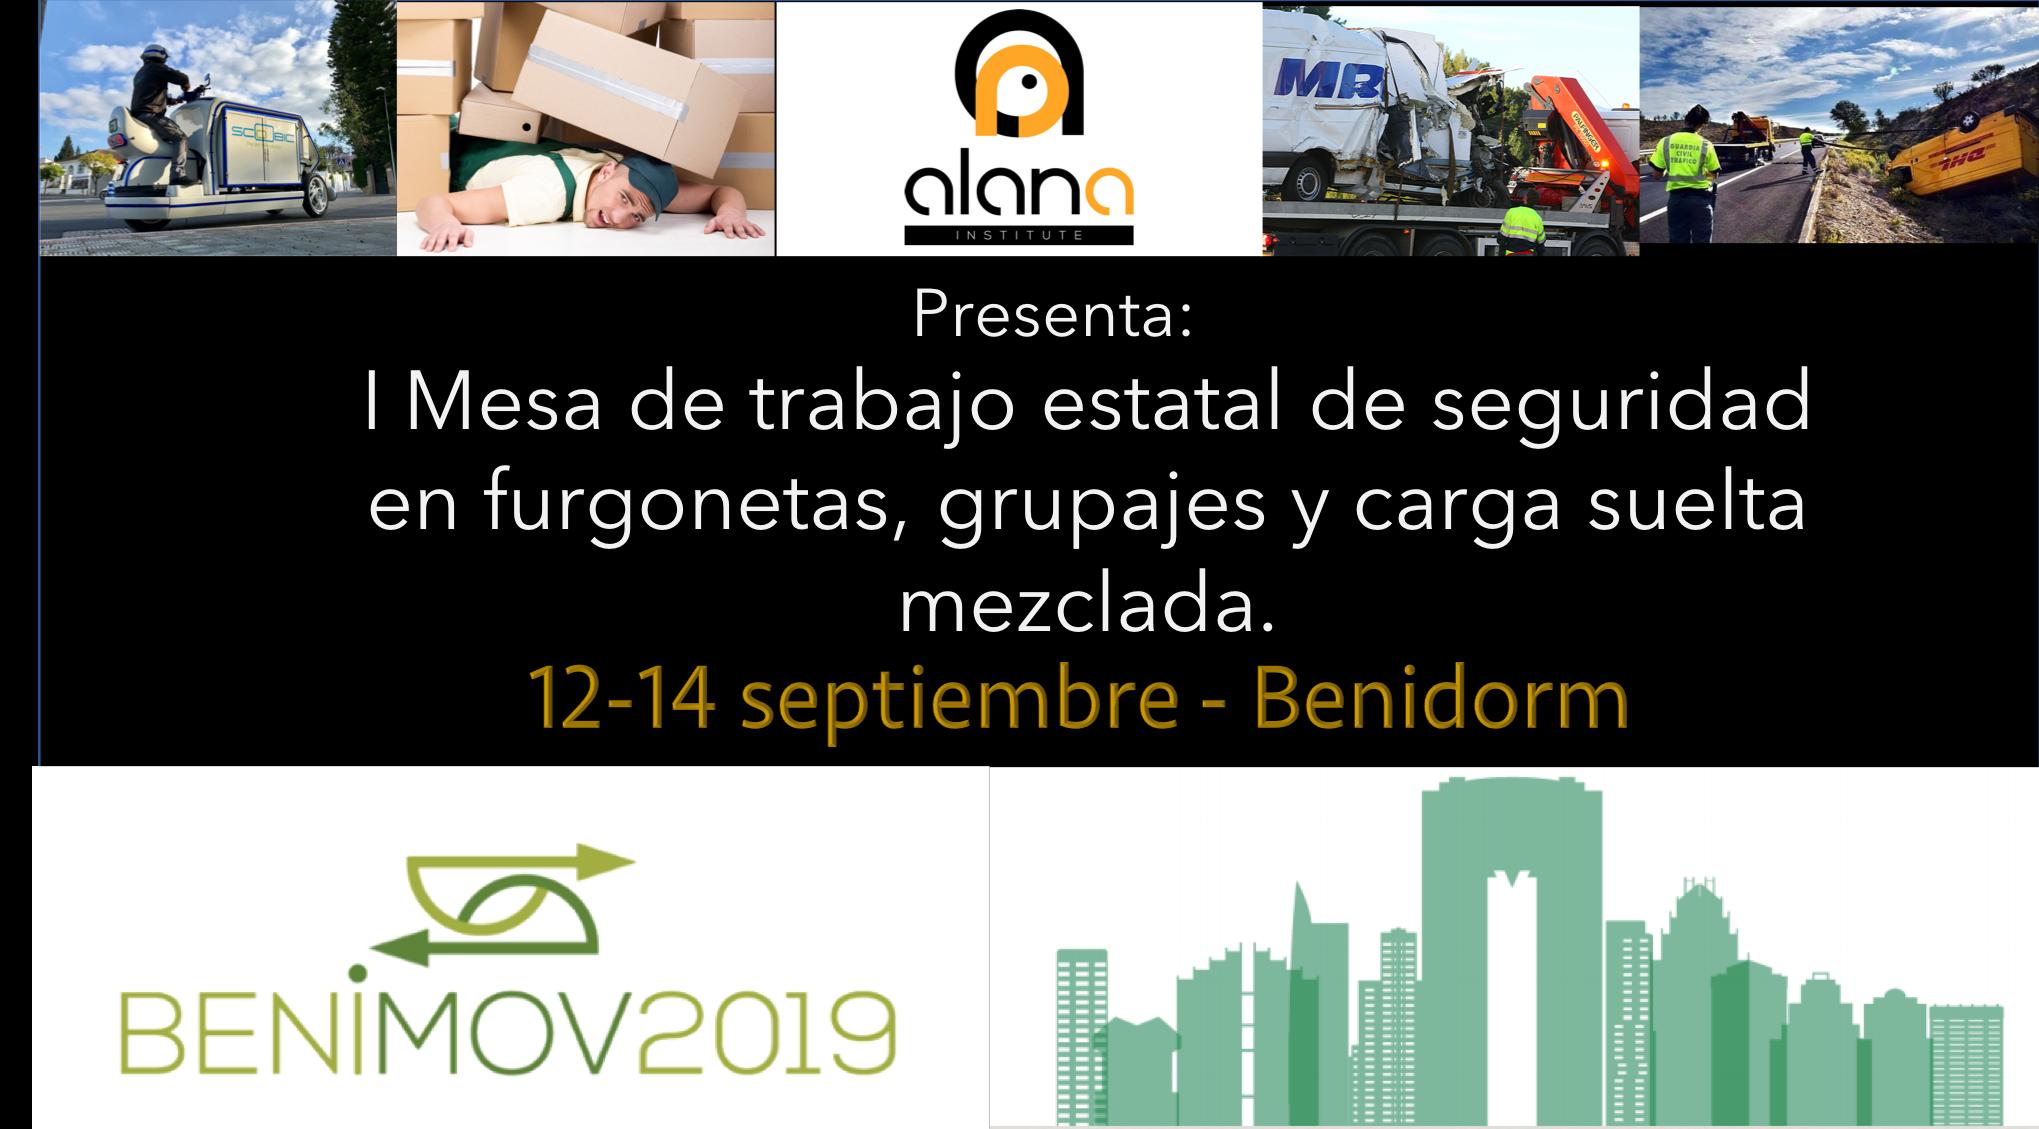 Instituto Alana convoca la I mesa de trabajo de paquetería de España